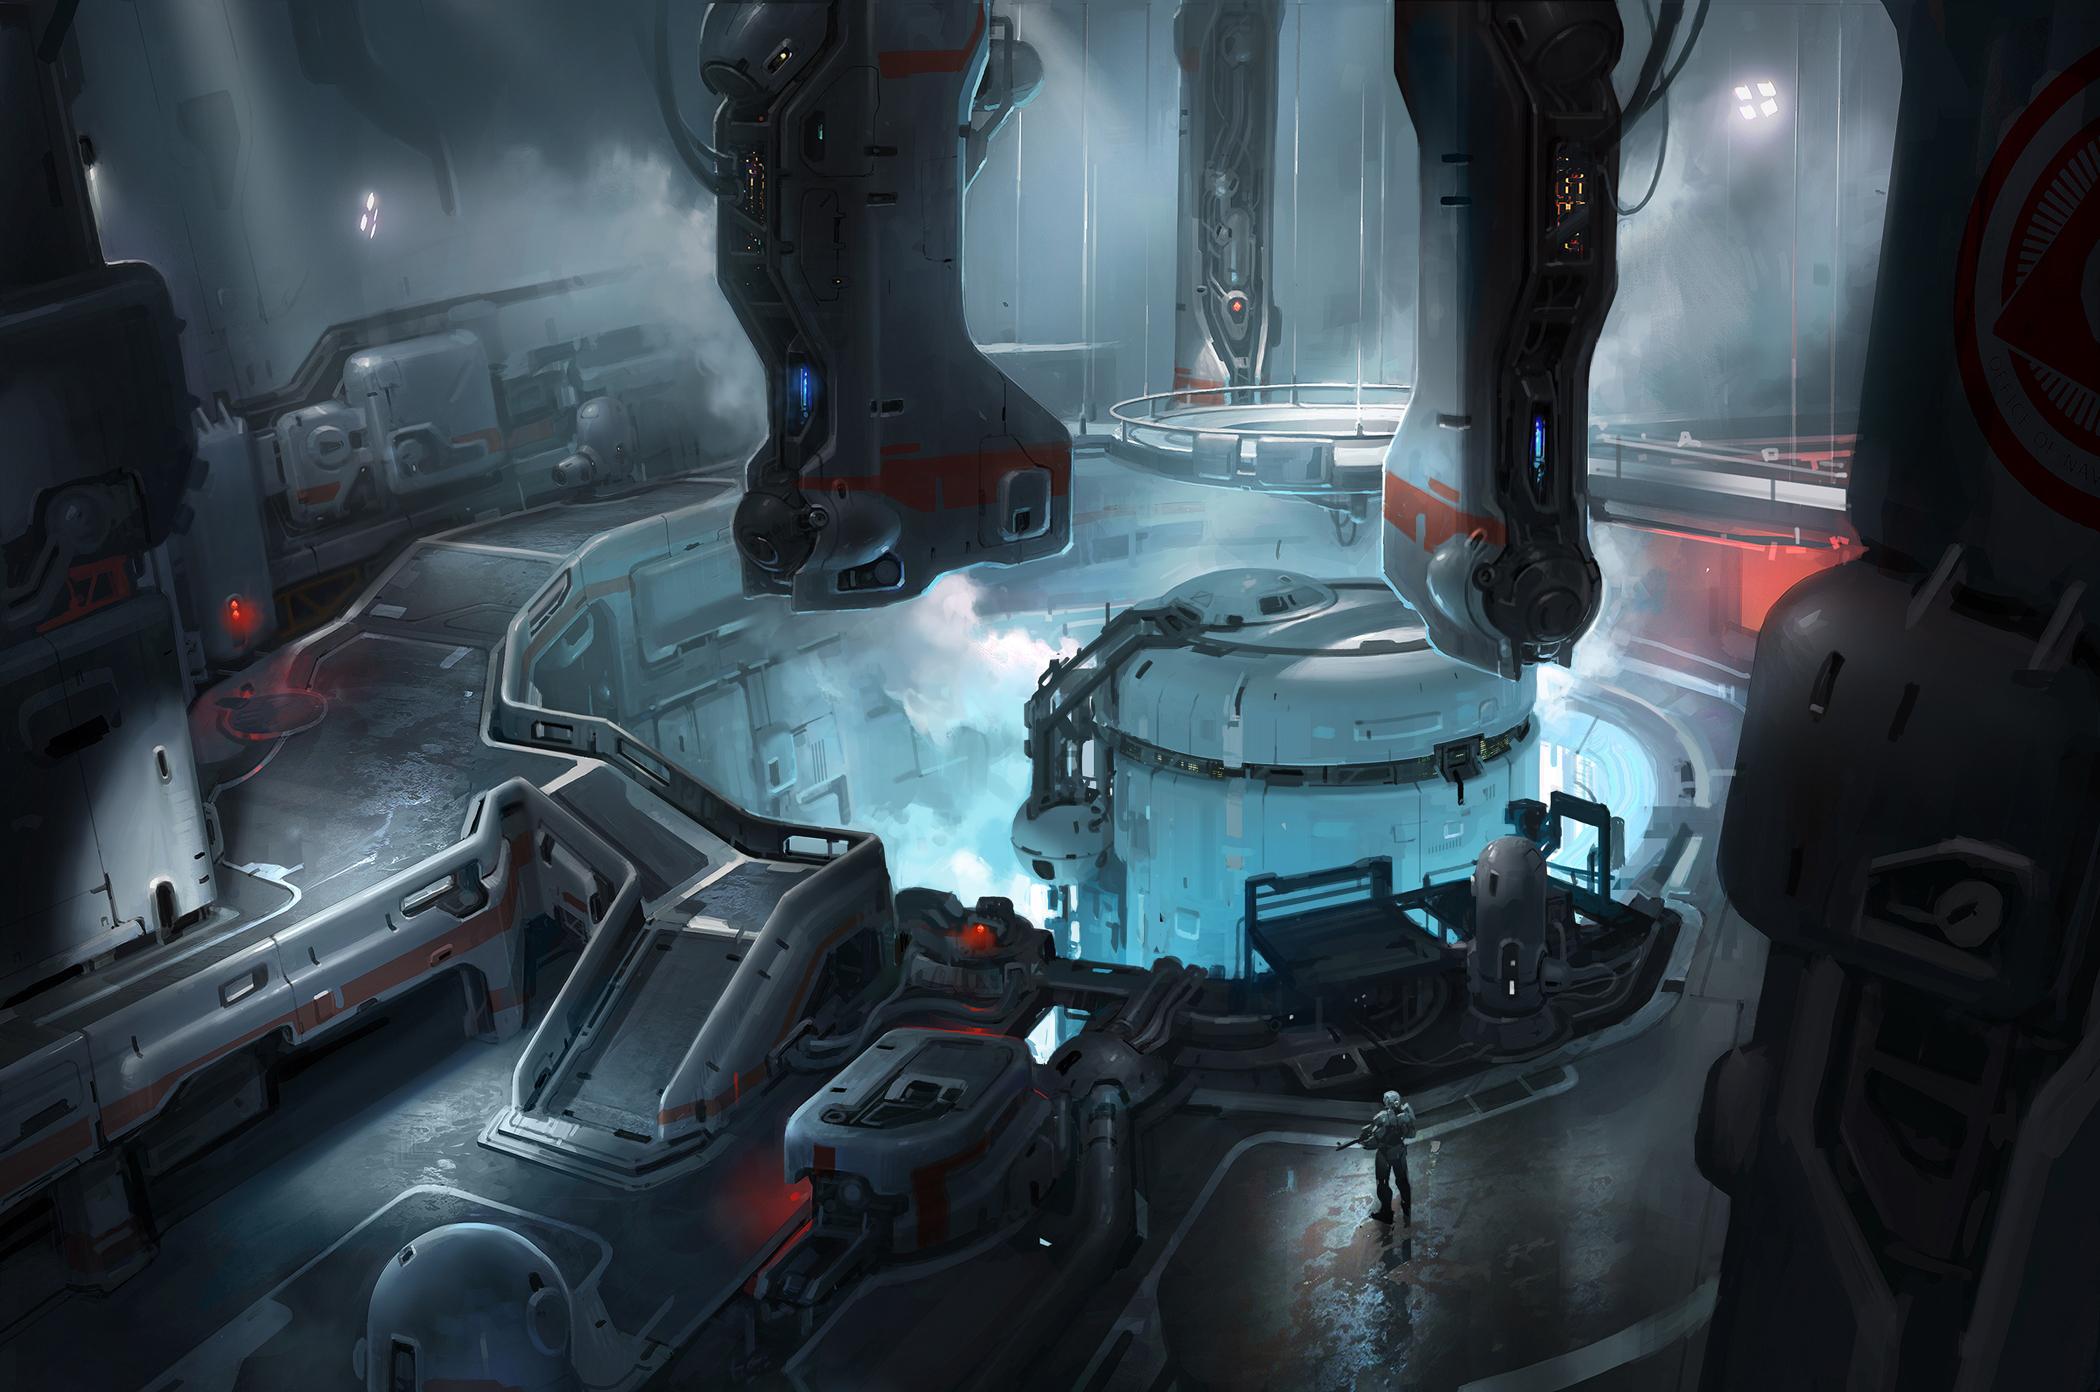 Opération Fer-De-Lance // Au coeur du Dôme - Page 2 Koryface-halo-5-reactor-room-1-cfed1ce4-encl